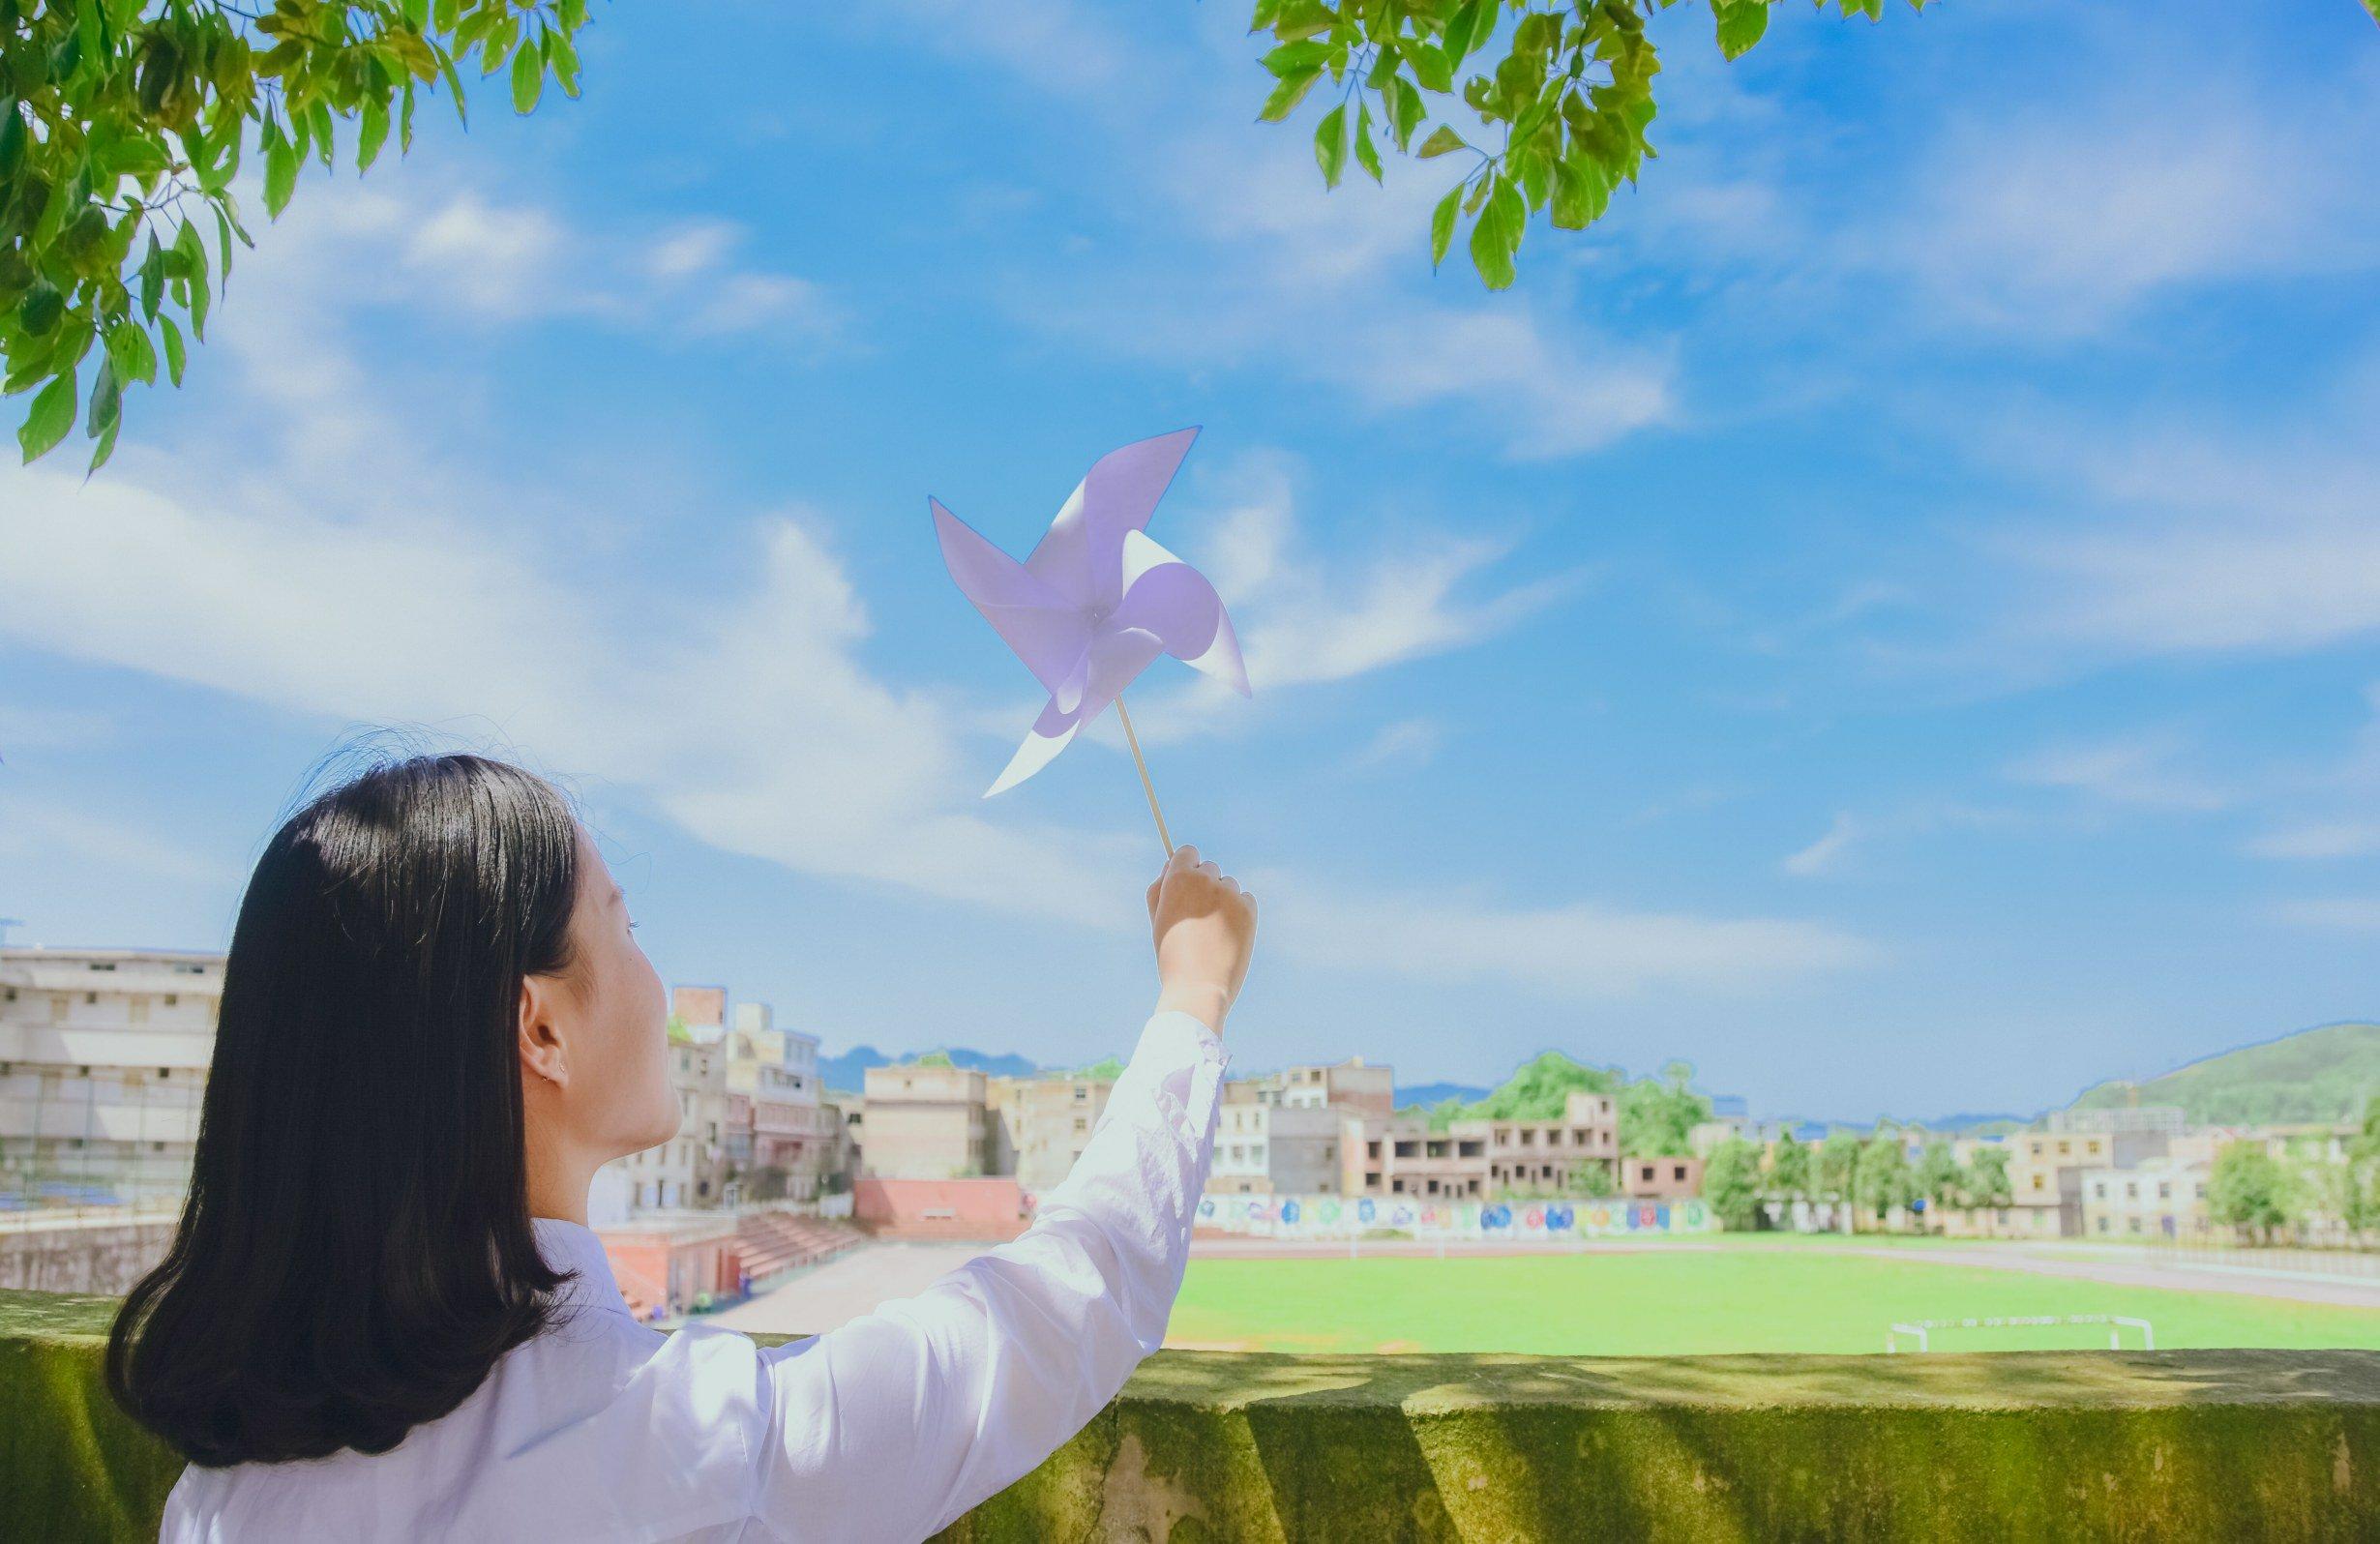 自在-贵州师范大学求是学院校报电子版